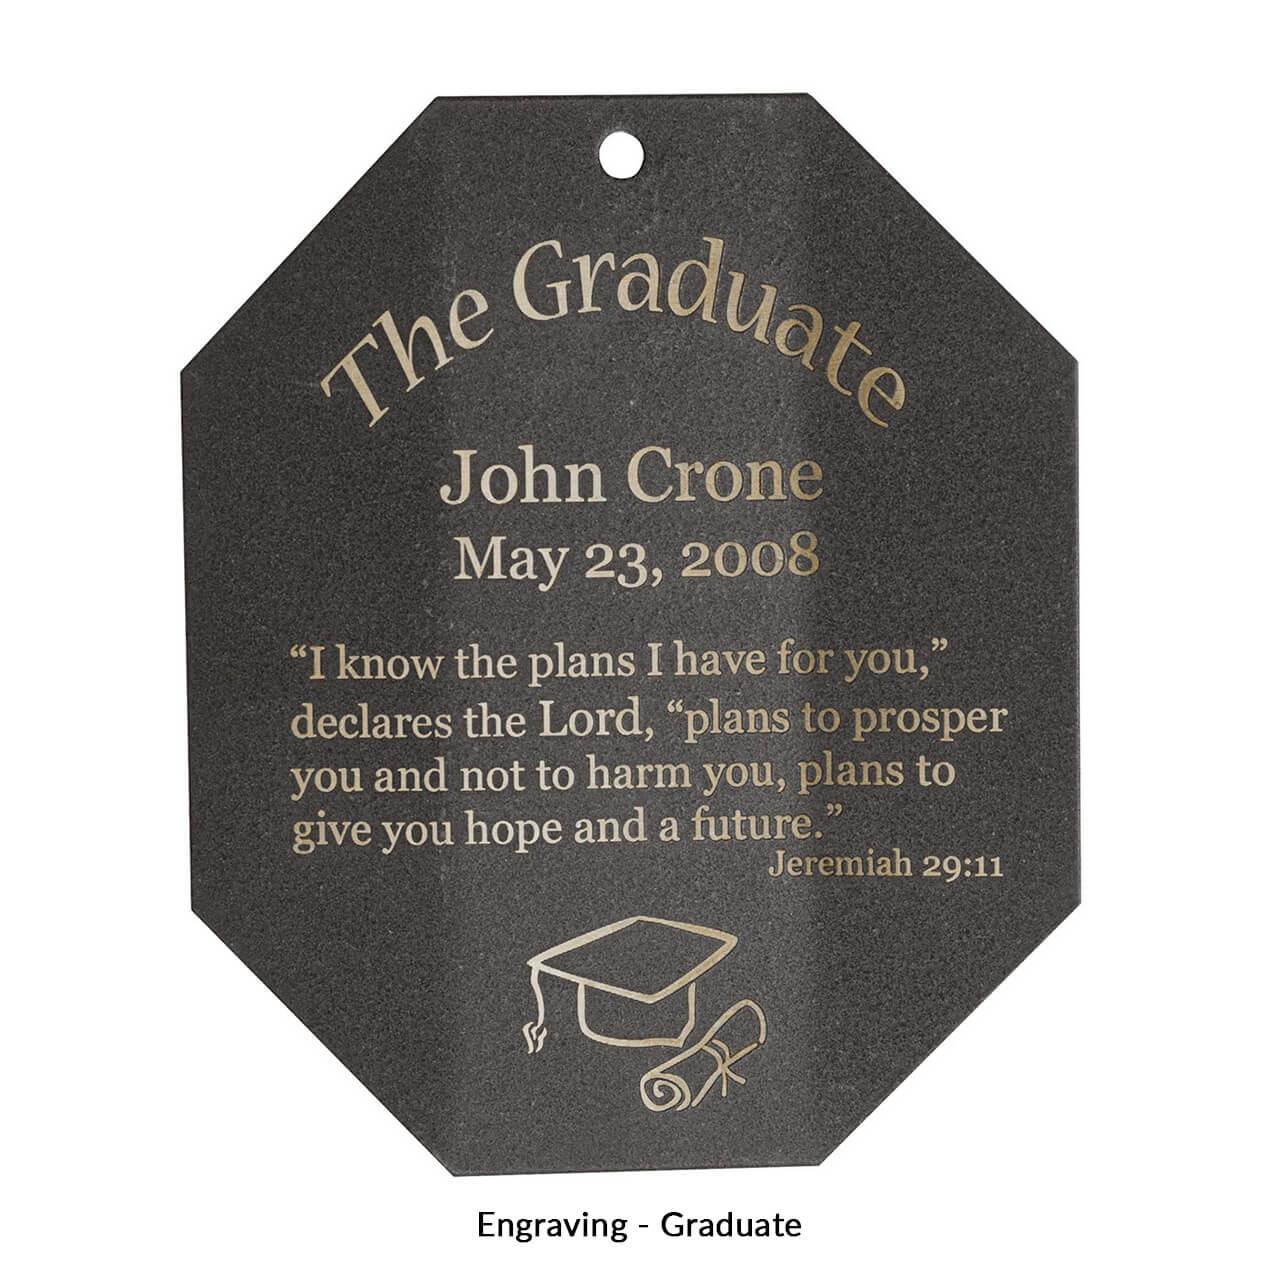 13.-engraving-graduate.jpg